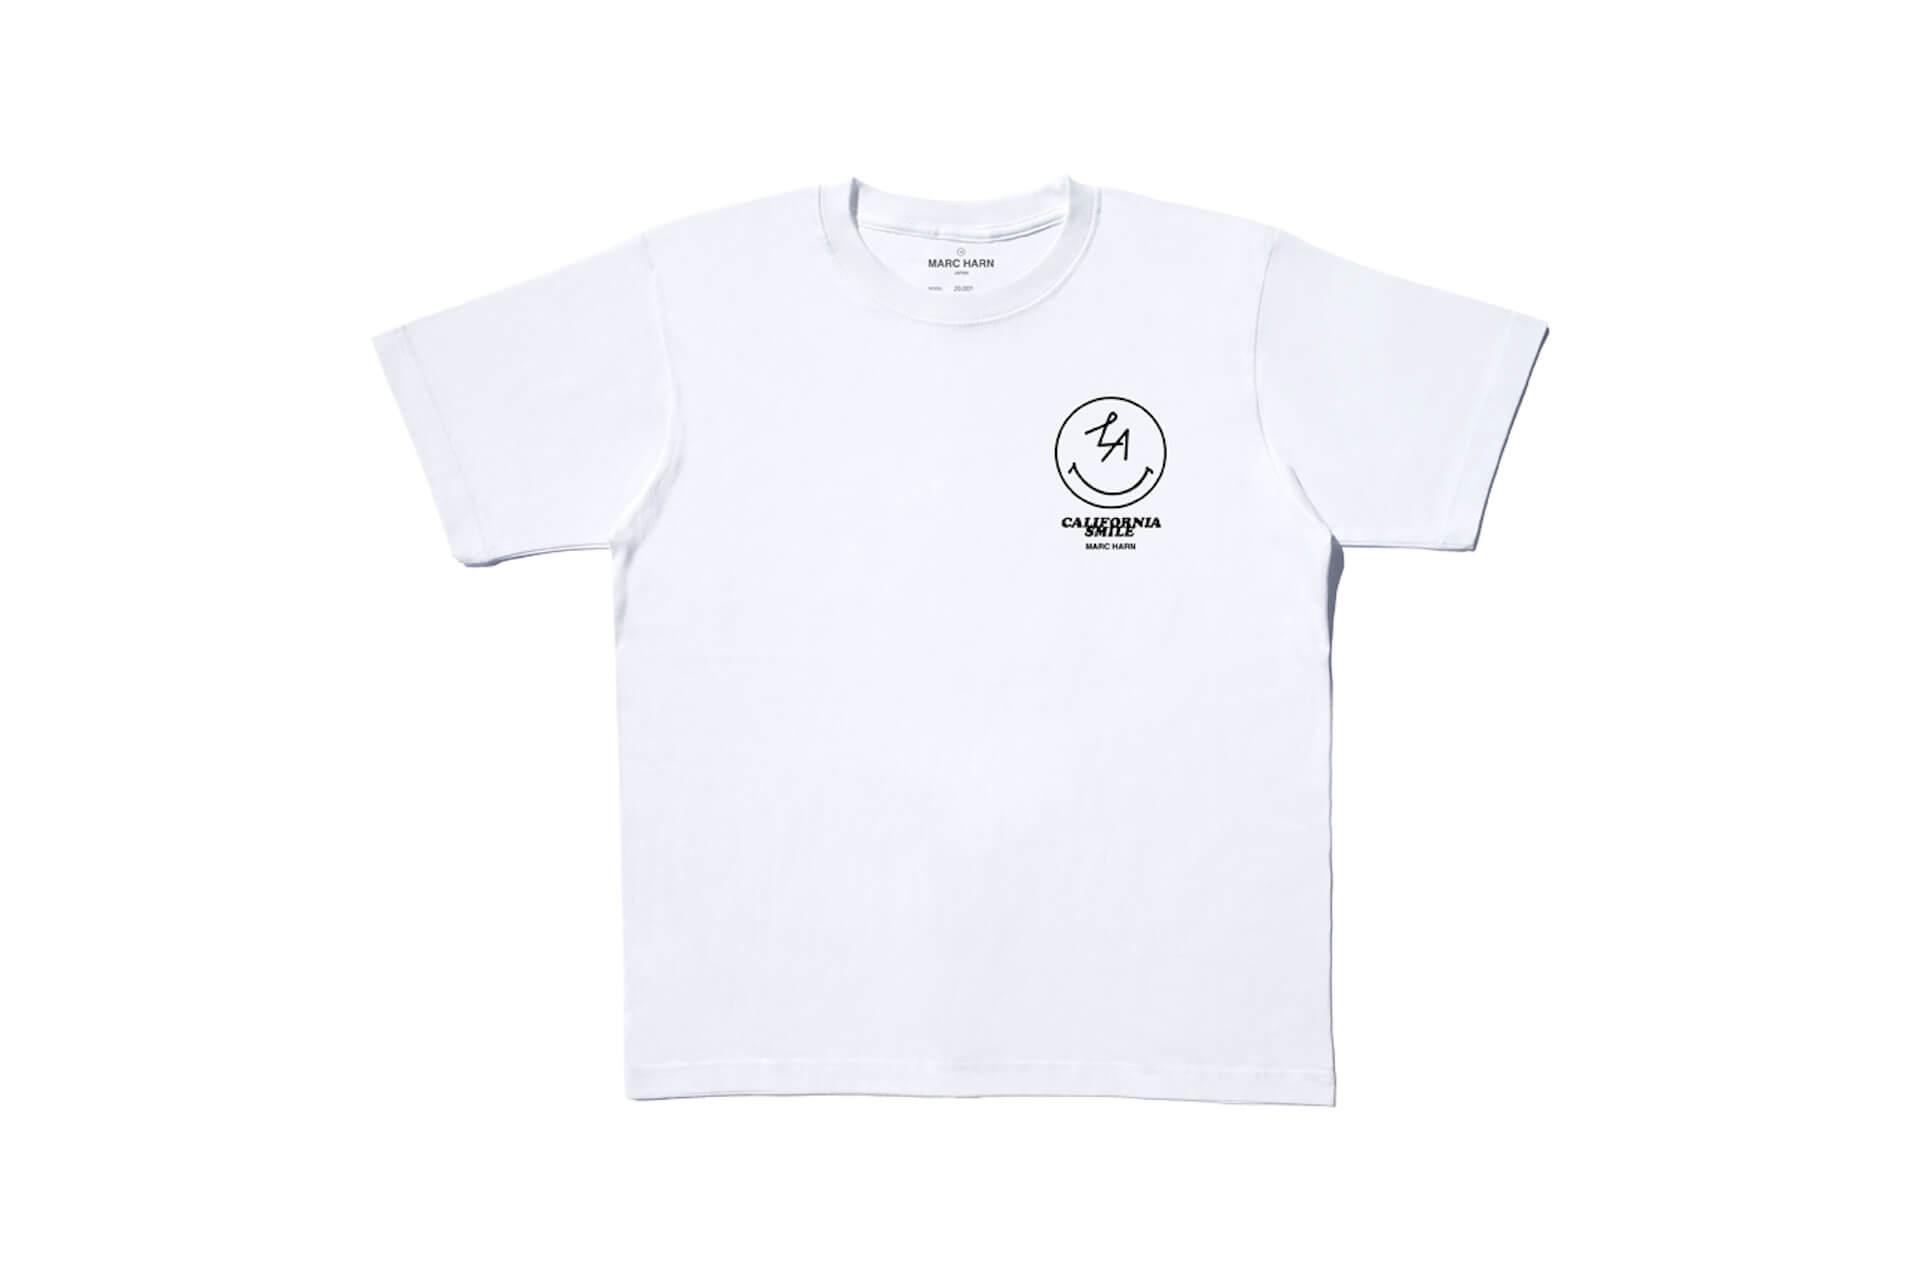 ファレル・ウィリアムス、VANSが認めたMASAの「MARC HARN」が新作の受注受付を開始!Tシャツやキャップなど12アイテム lf200618_marcharn_05